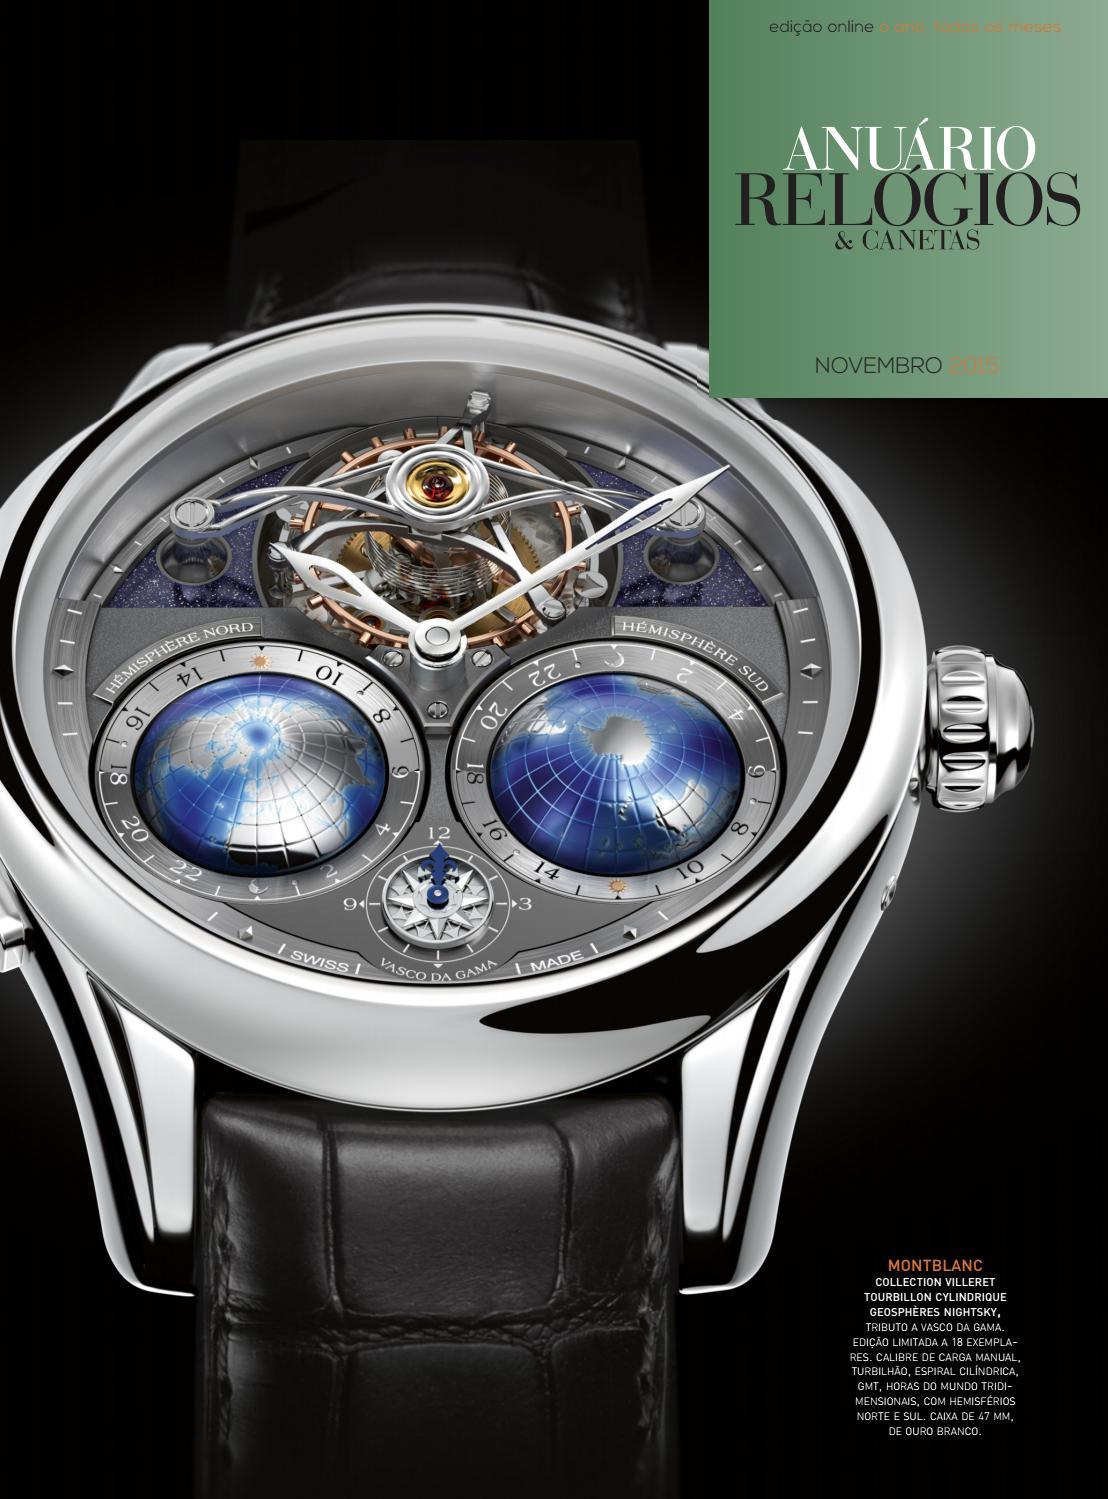 f0ae72db7be Anuário Relógios   Canetas - Novembro 2015 by Anuário Relógios   Canetas -  issuu